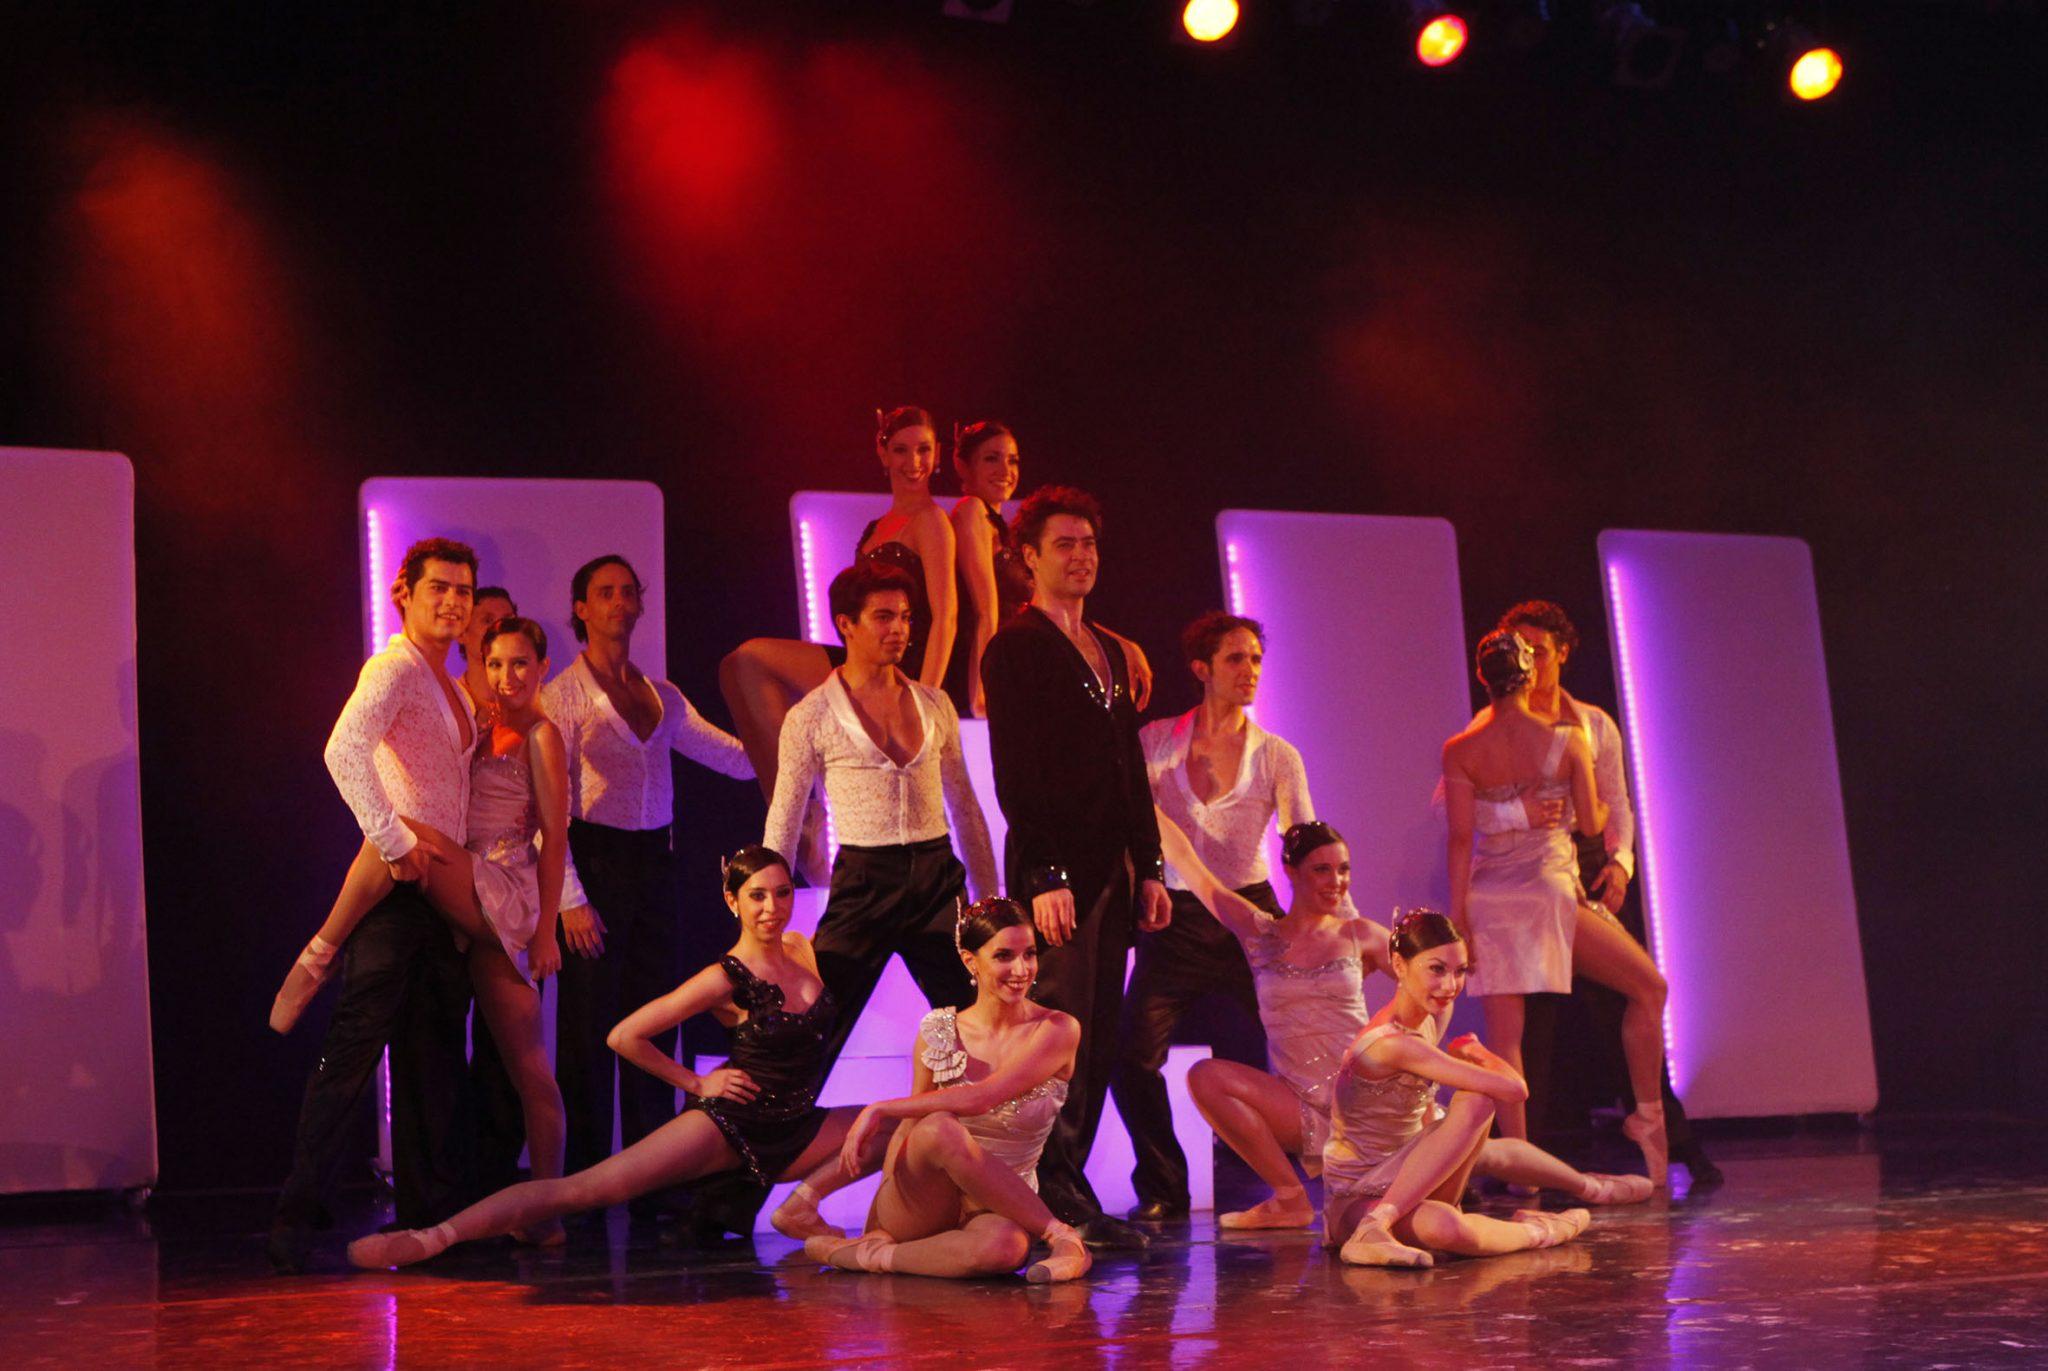 Audiciones en todo el país para crear un cuerpo de baile federal y popular